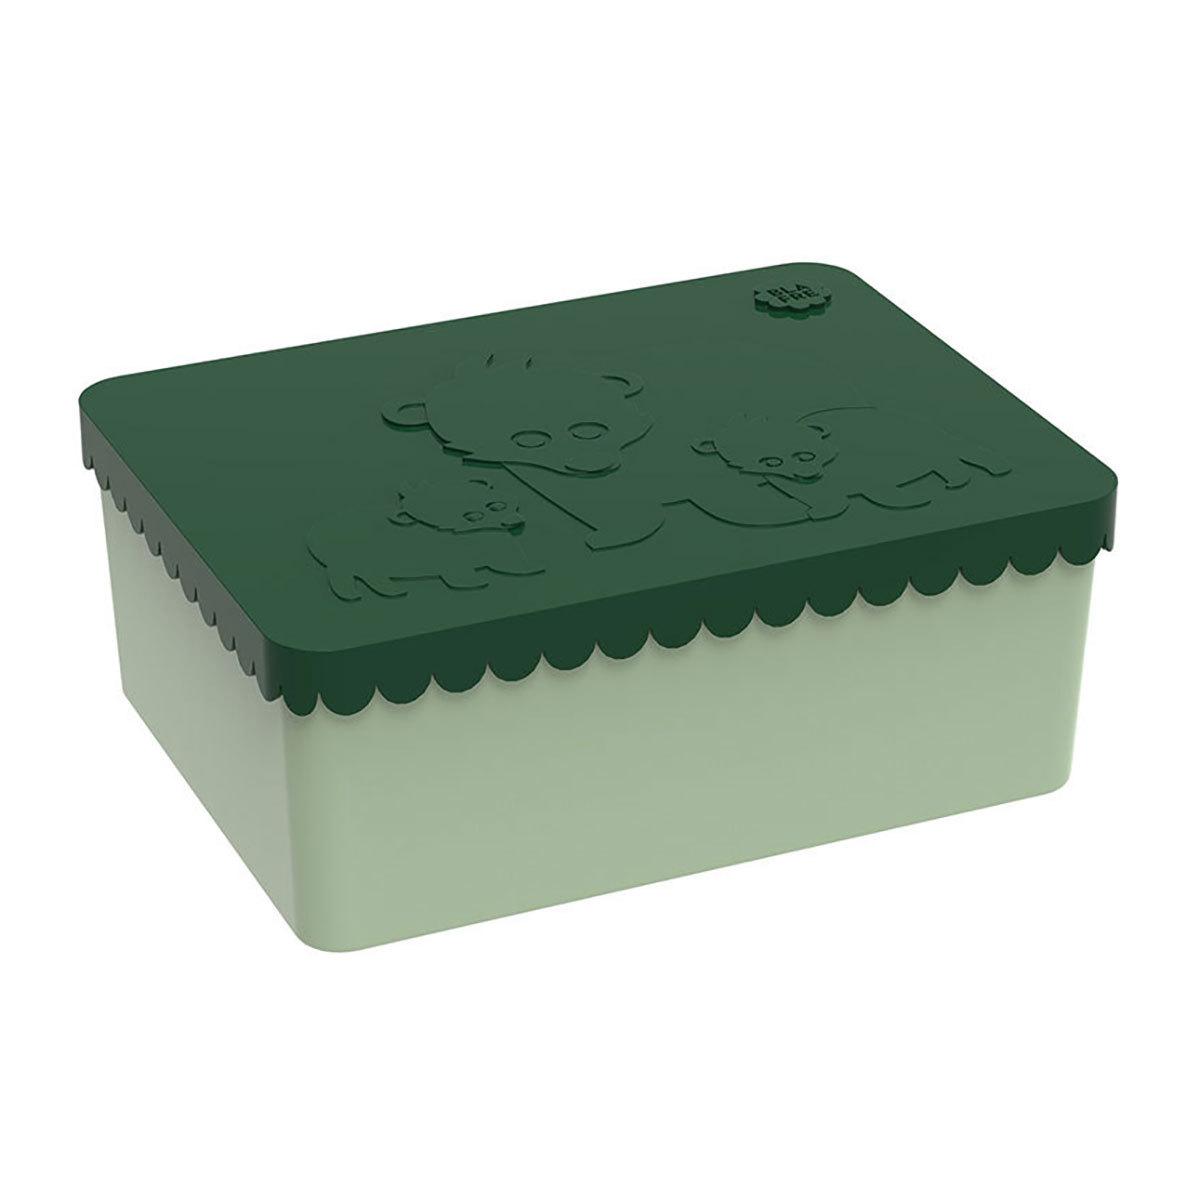 Vaisselle & Couvert LunchBox Ours - Vert Foncé